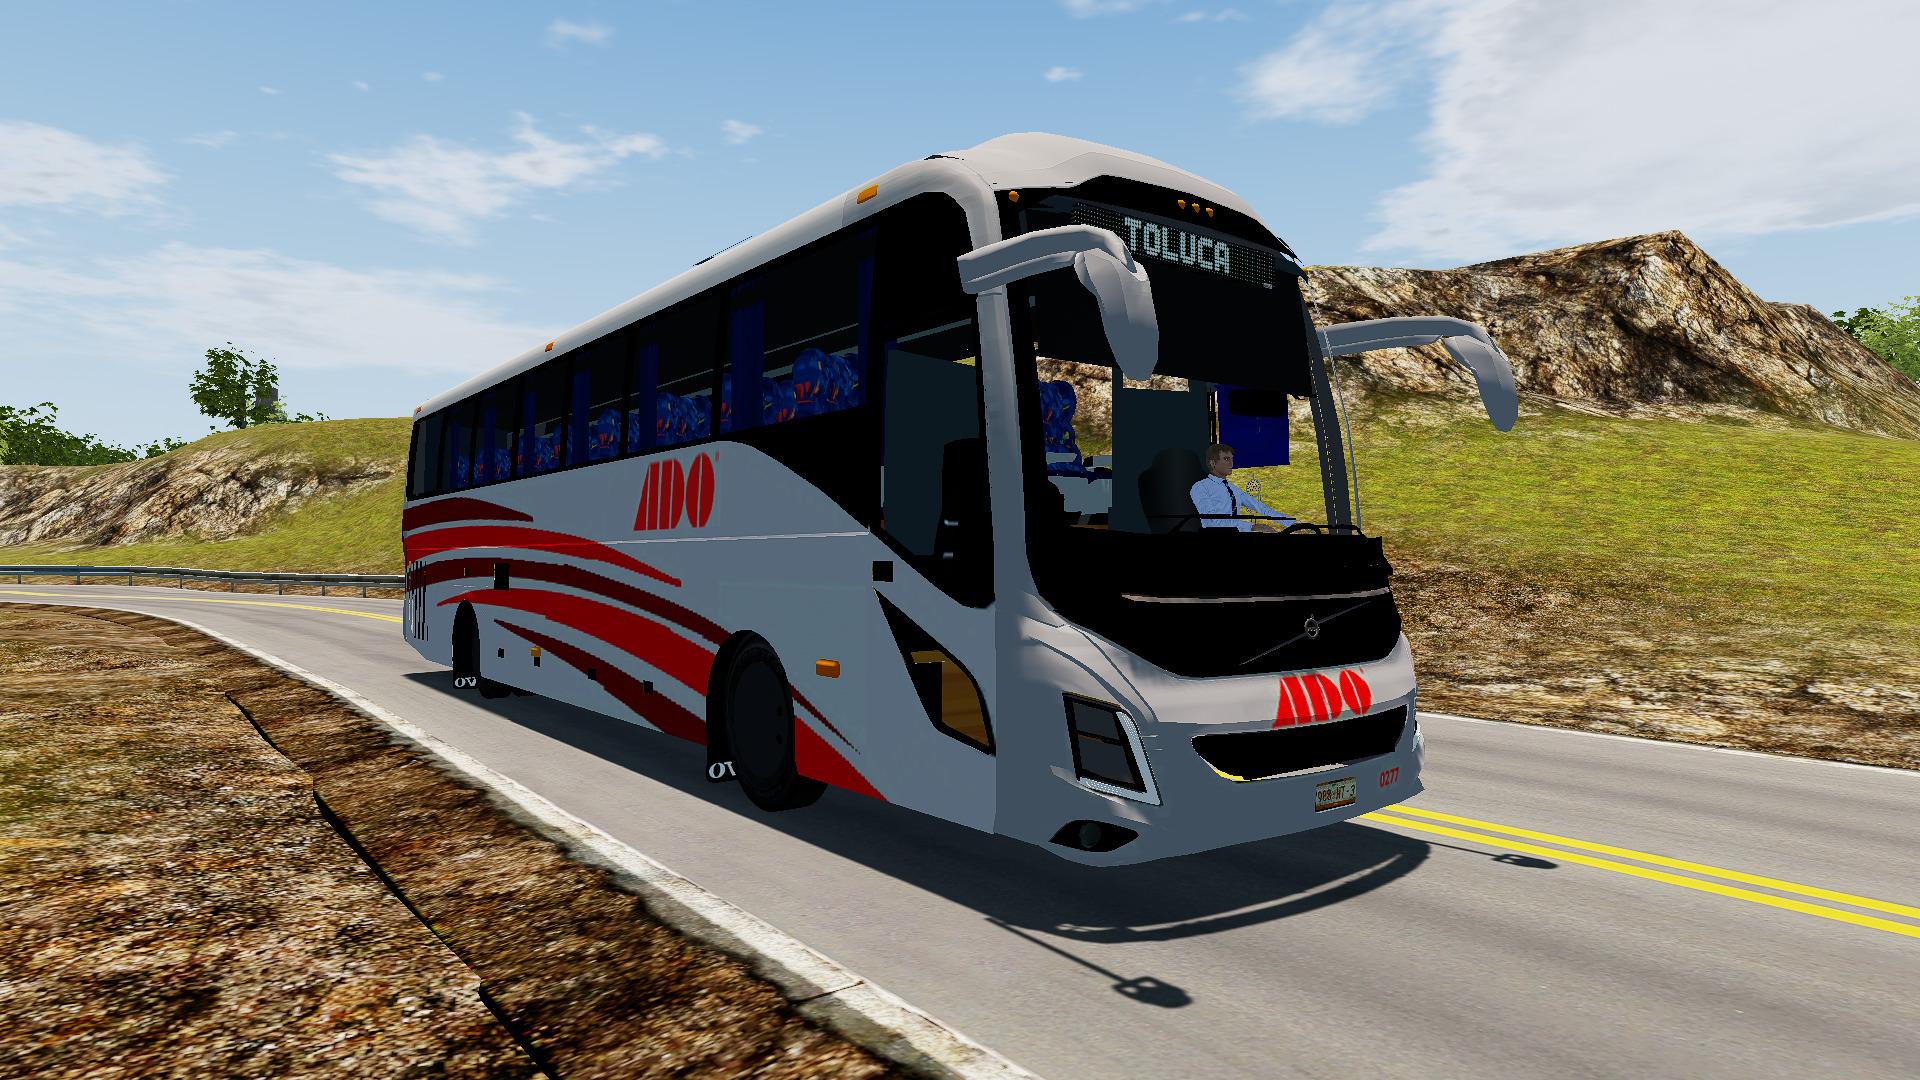 Imagem parte frontal do ônibus